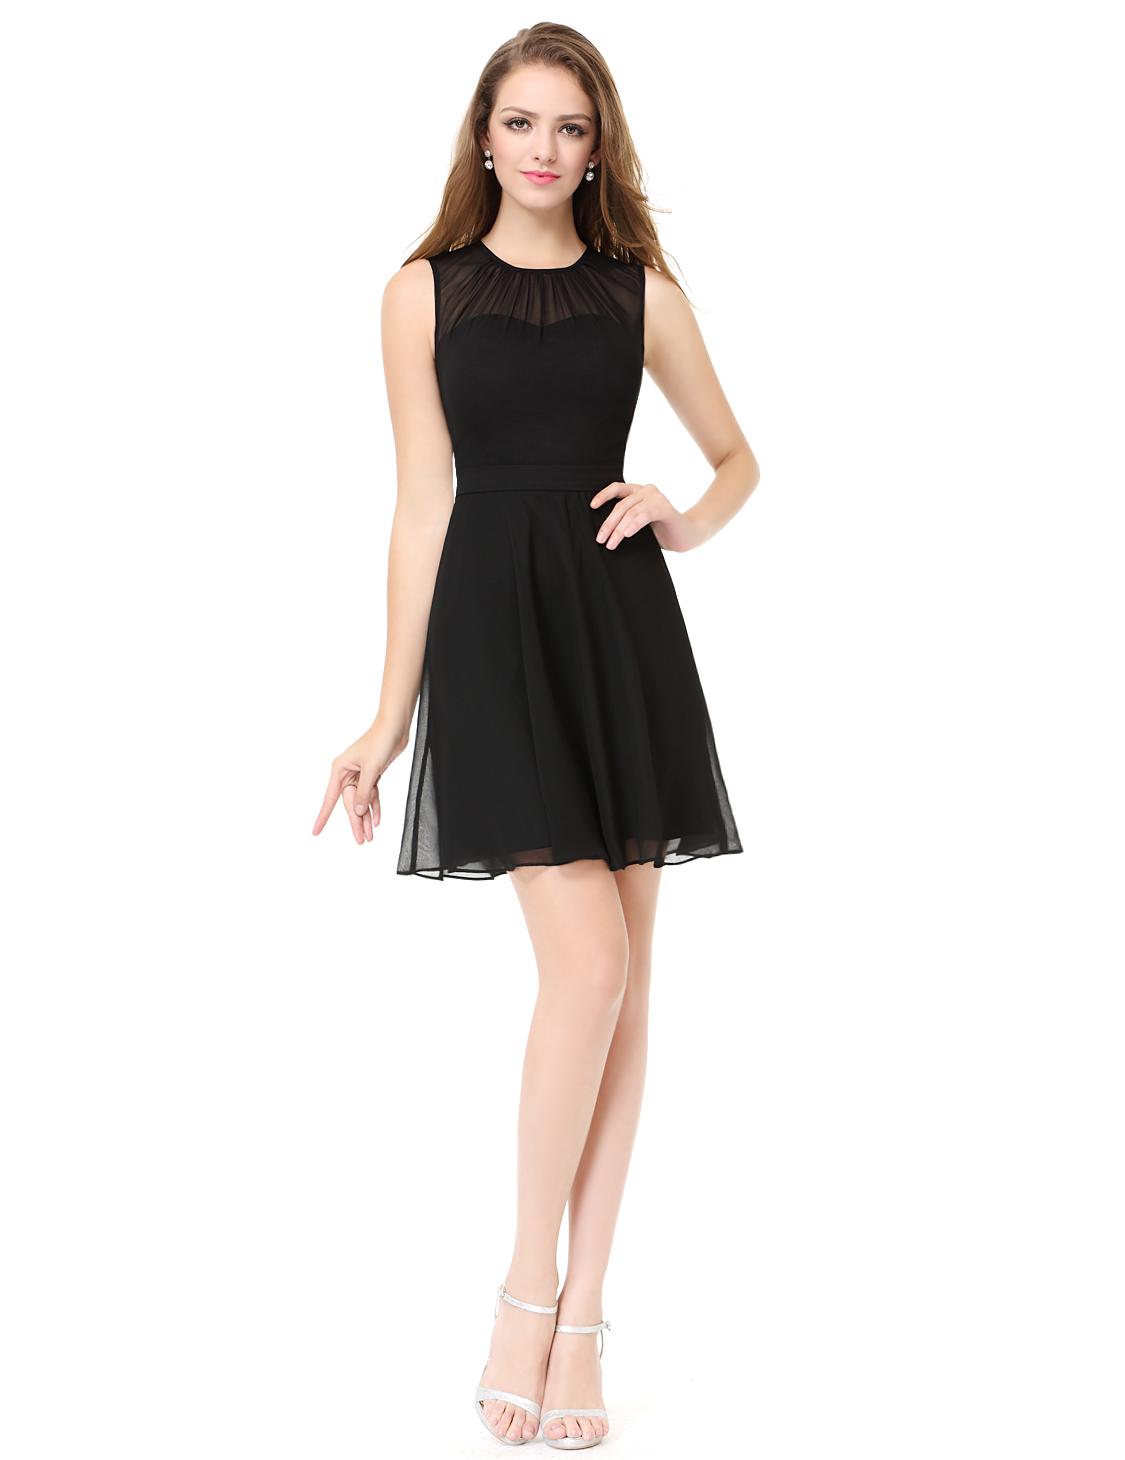 e570e028e92d Černé krátké společenské šaty na svatbu do divadla tanečních 42 XL ...